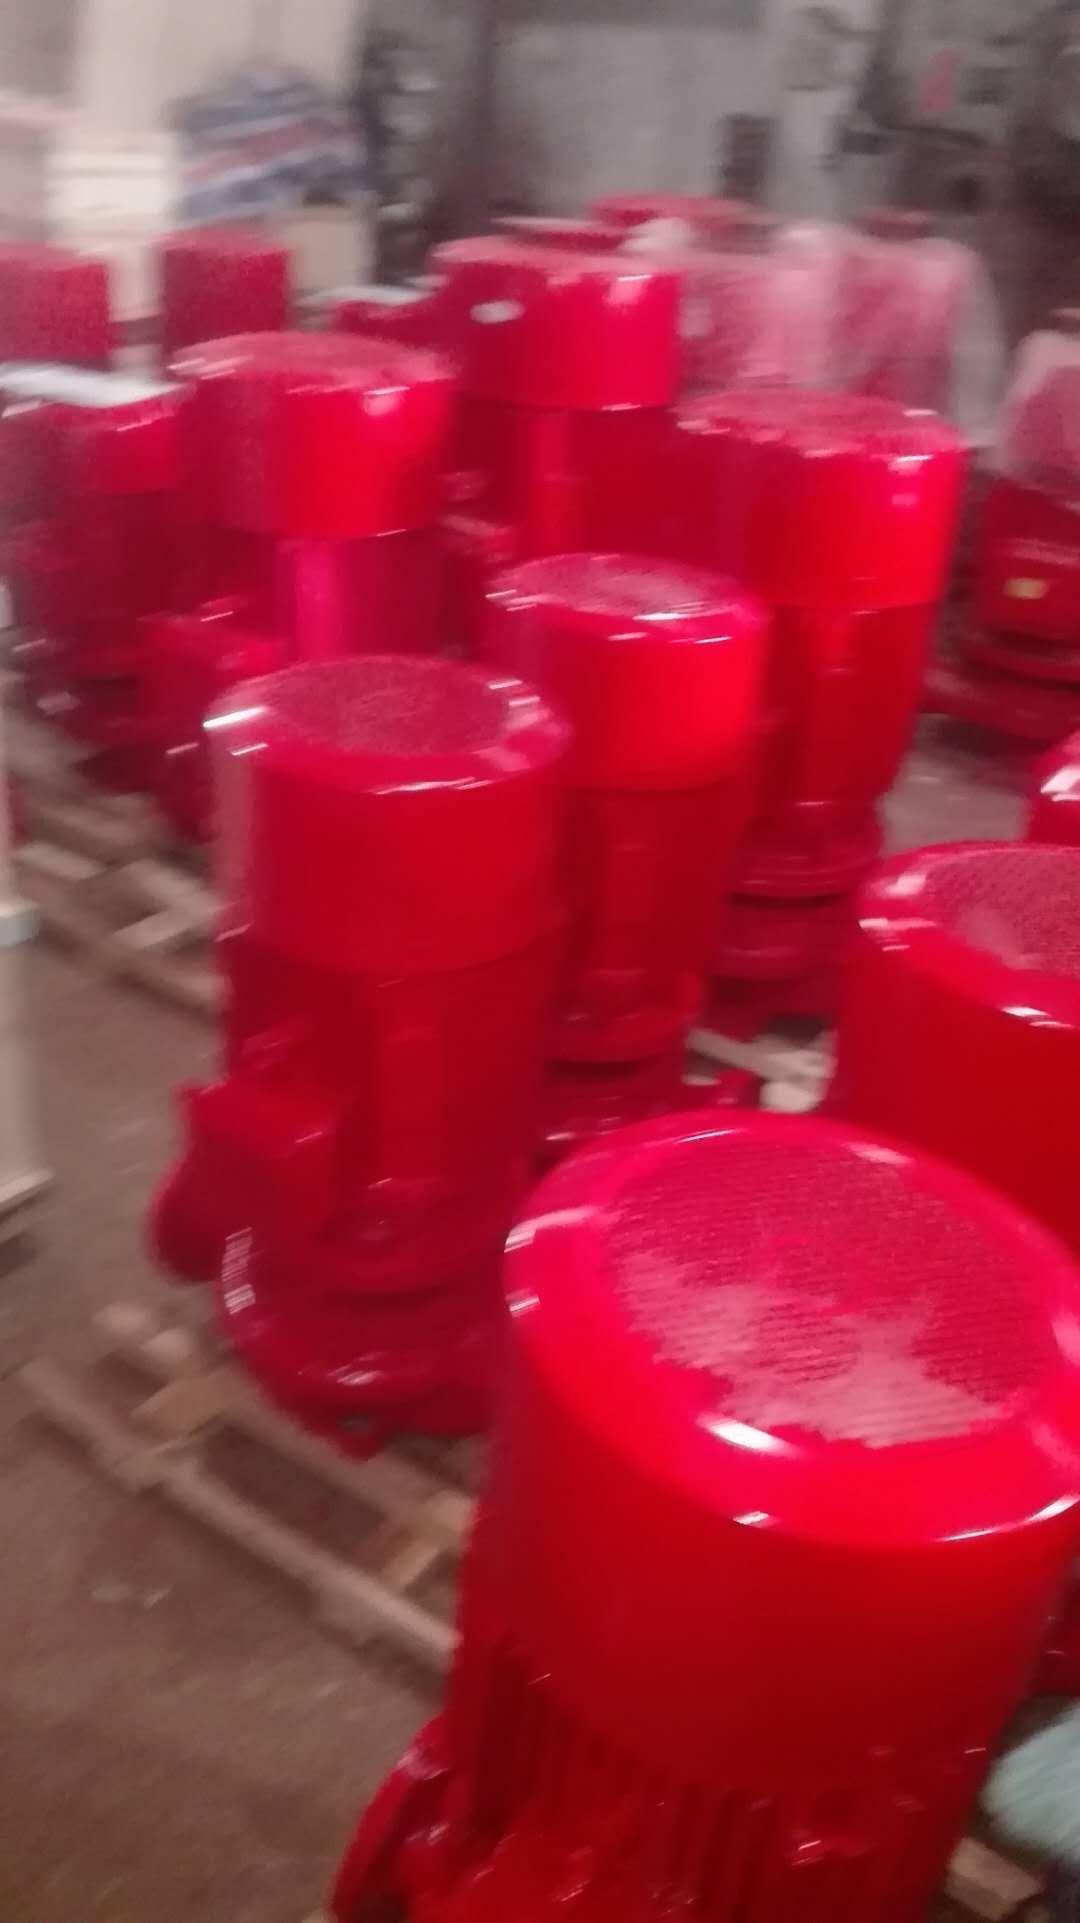 恒压给水设备消火栓泵厂家消防泵XBD12/20-HY-45KW江洋水泵质量好喷淋泵XBD11/20-HY-45KW